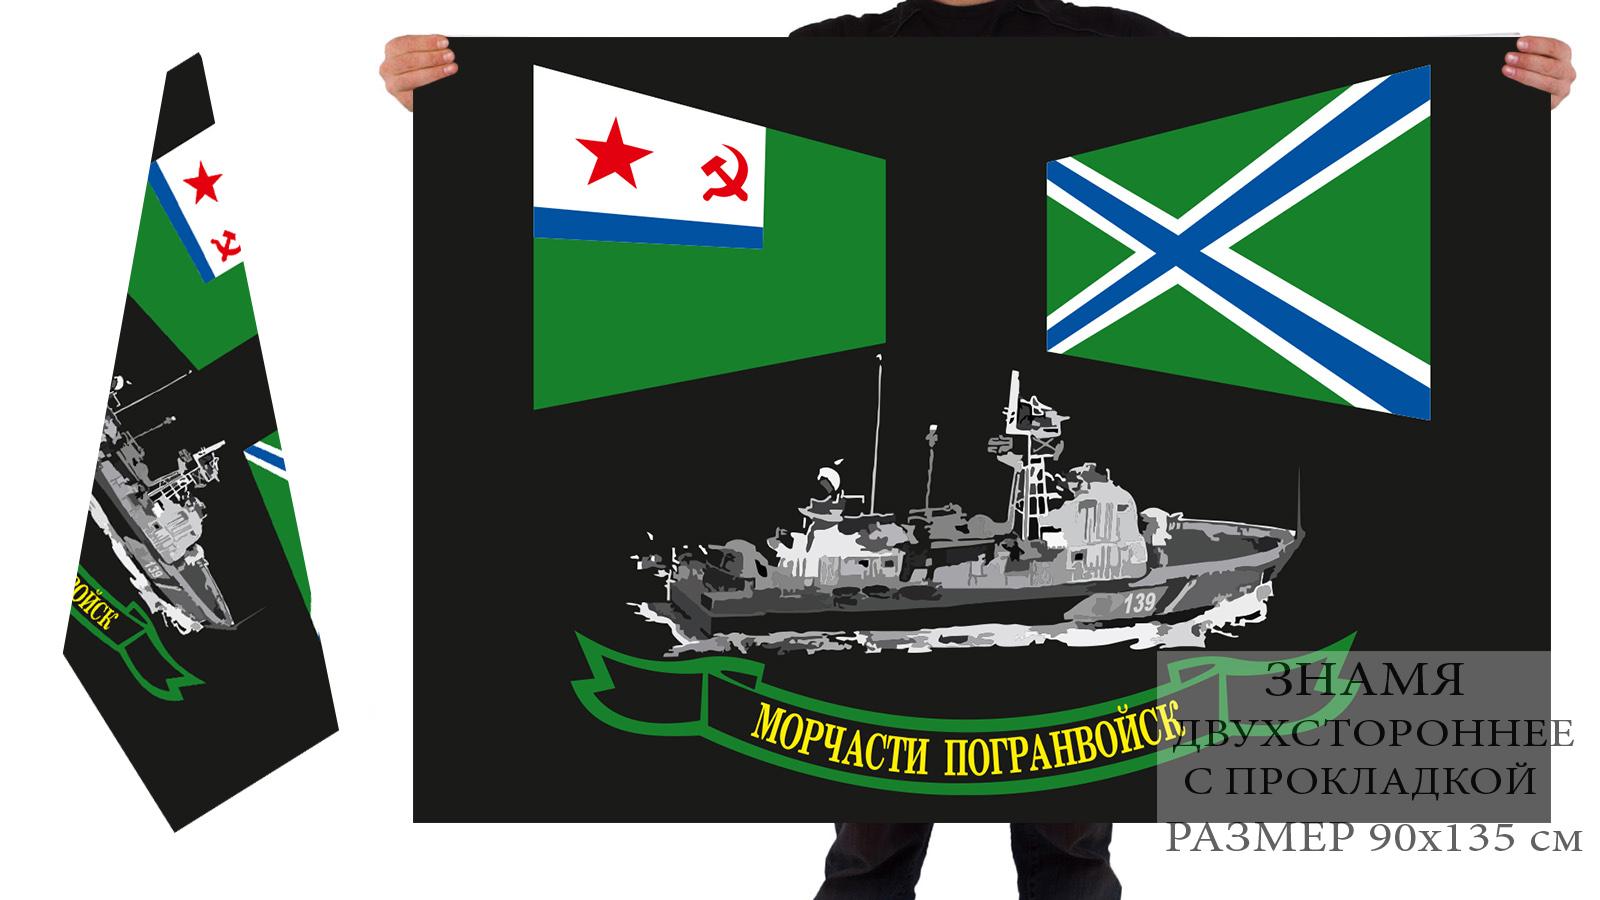 Купить большой флаг морских частей пограничных войск